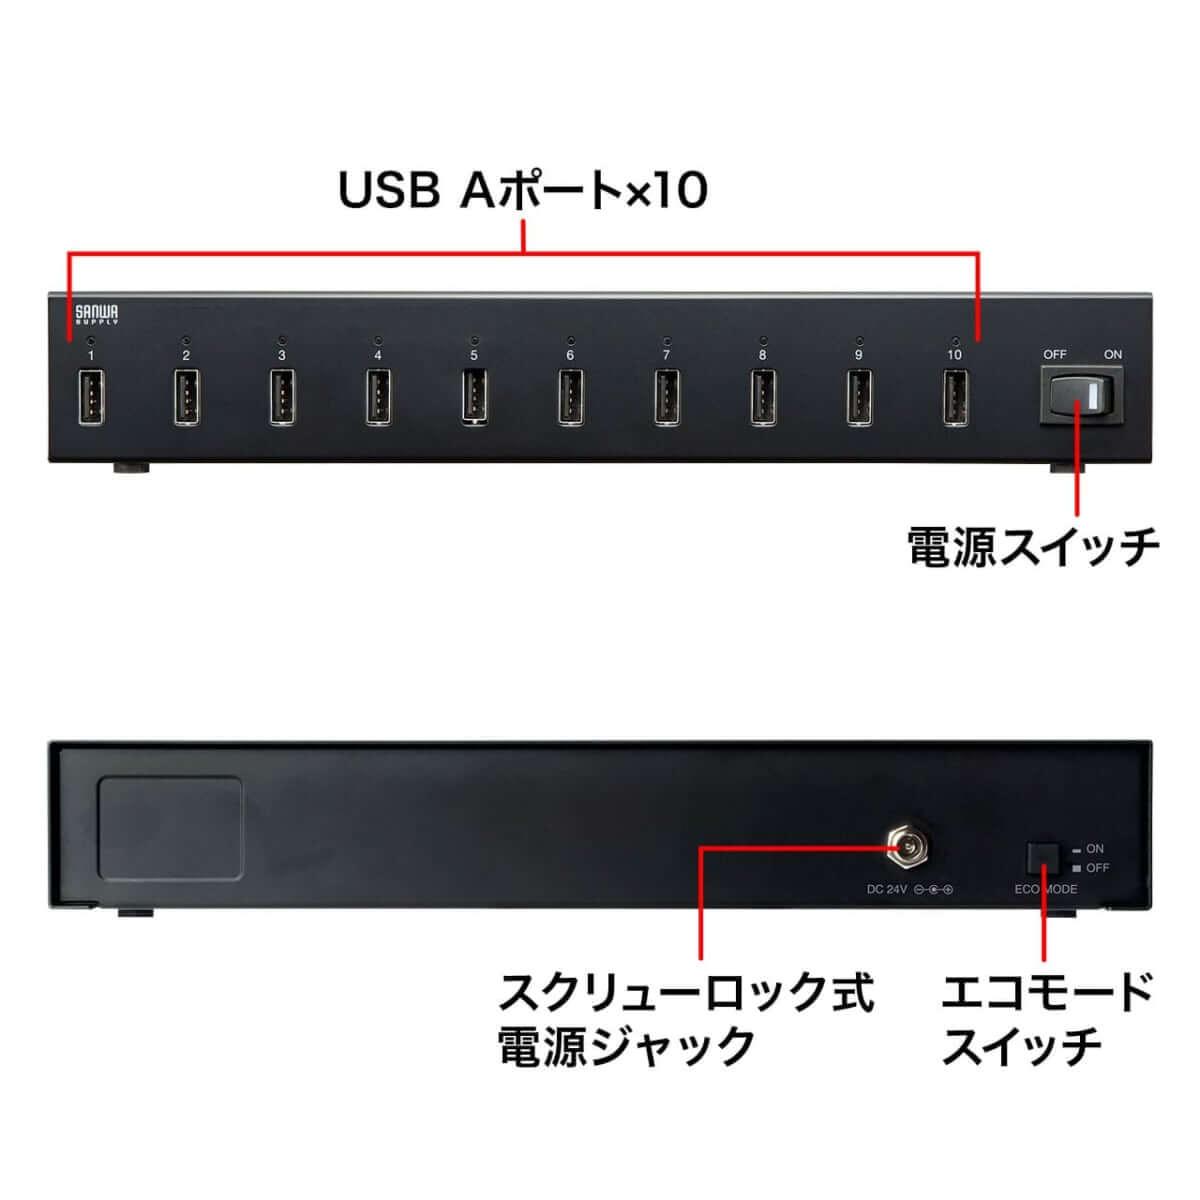 USB機器を10台同時に充電できる充電器が登場。スマホもタブレットもなんでも充電OK 190128_charger_2-min-1200x1200